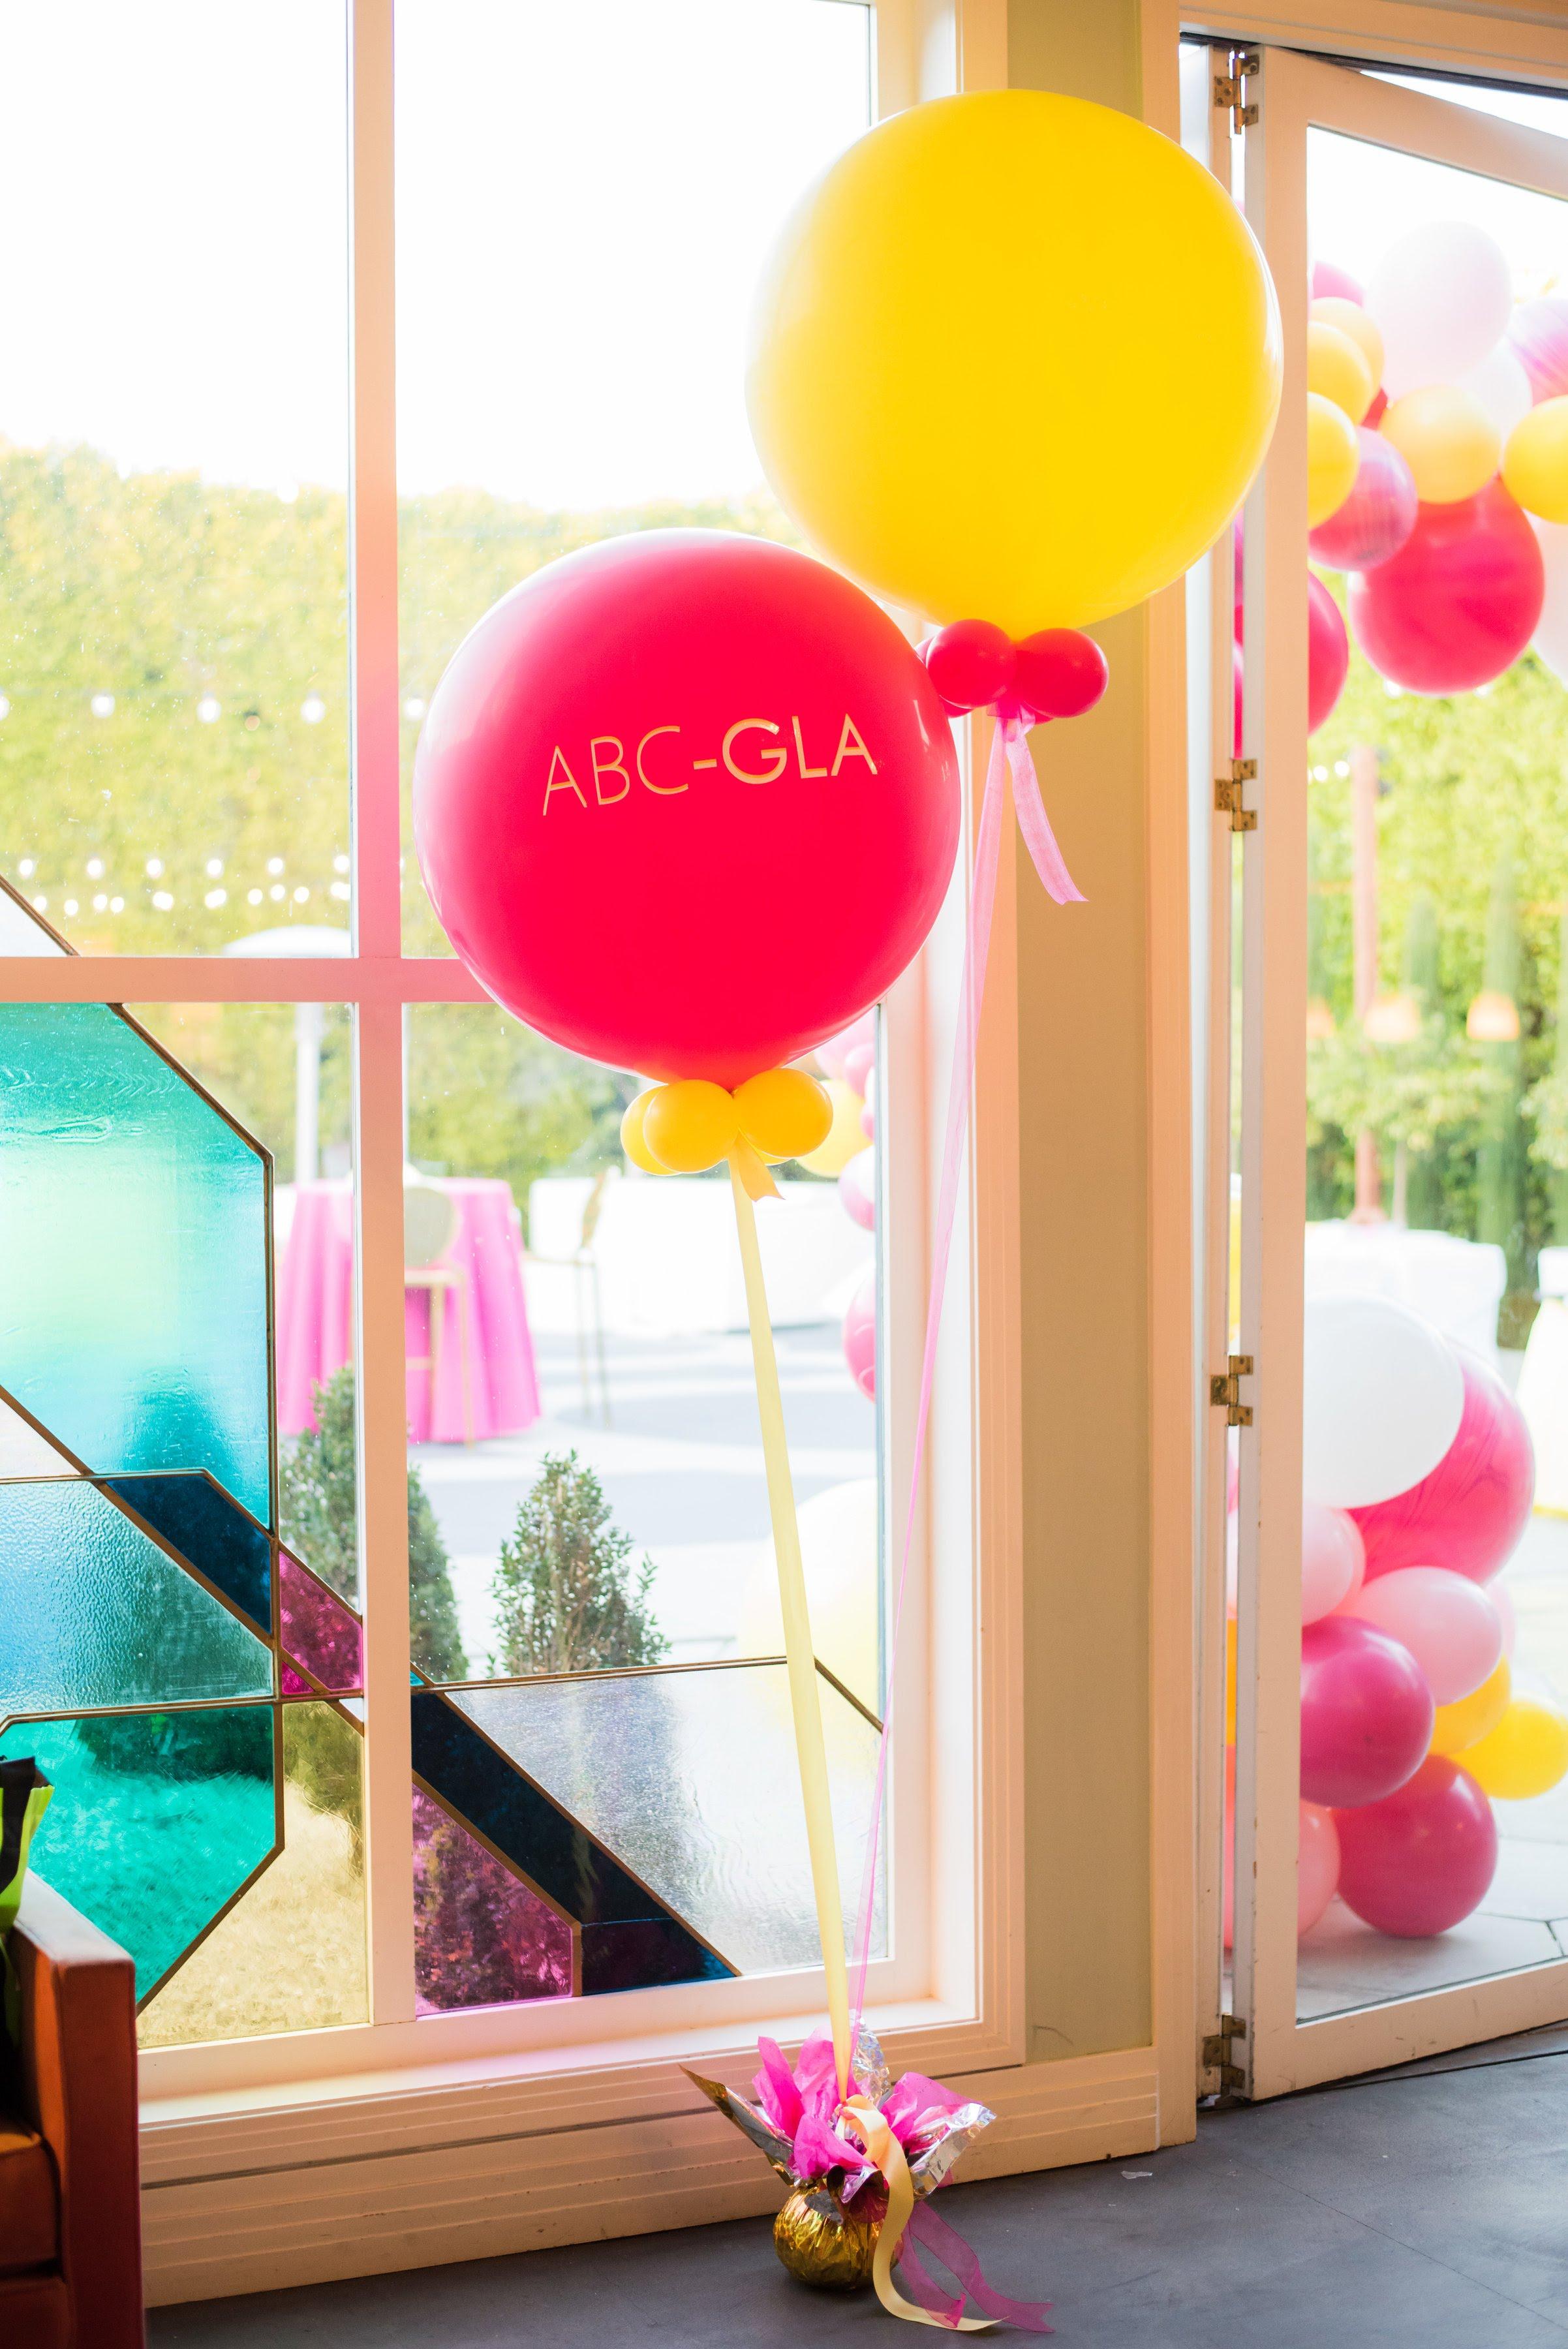 ABC GLA UnValentine's Party - Balloonzilla